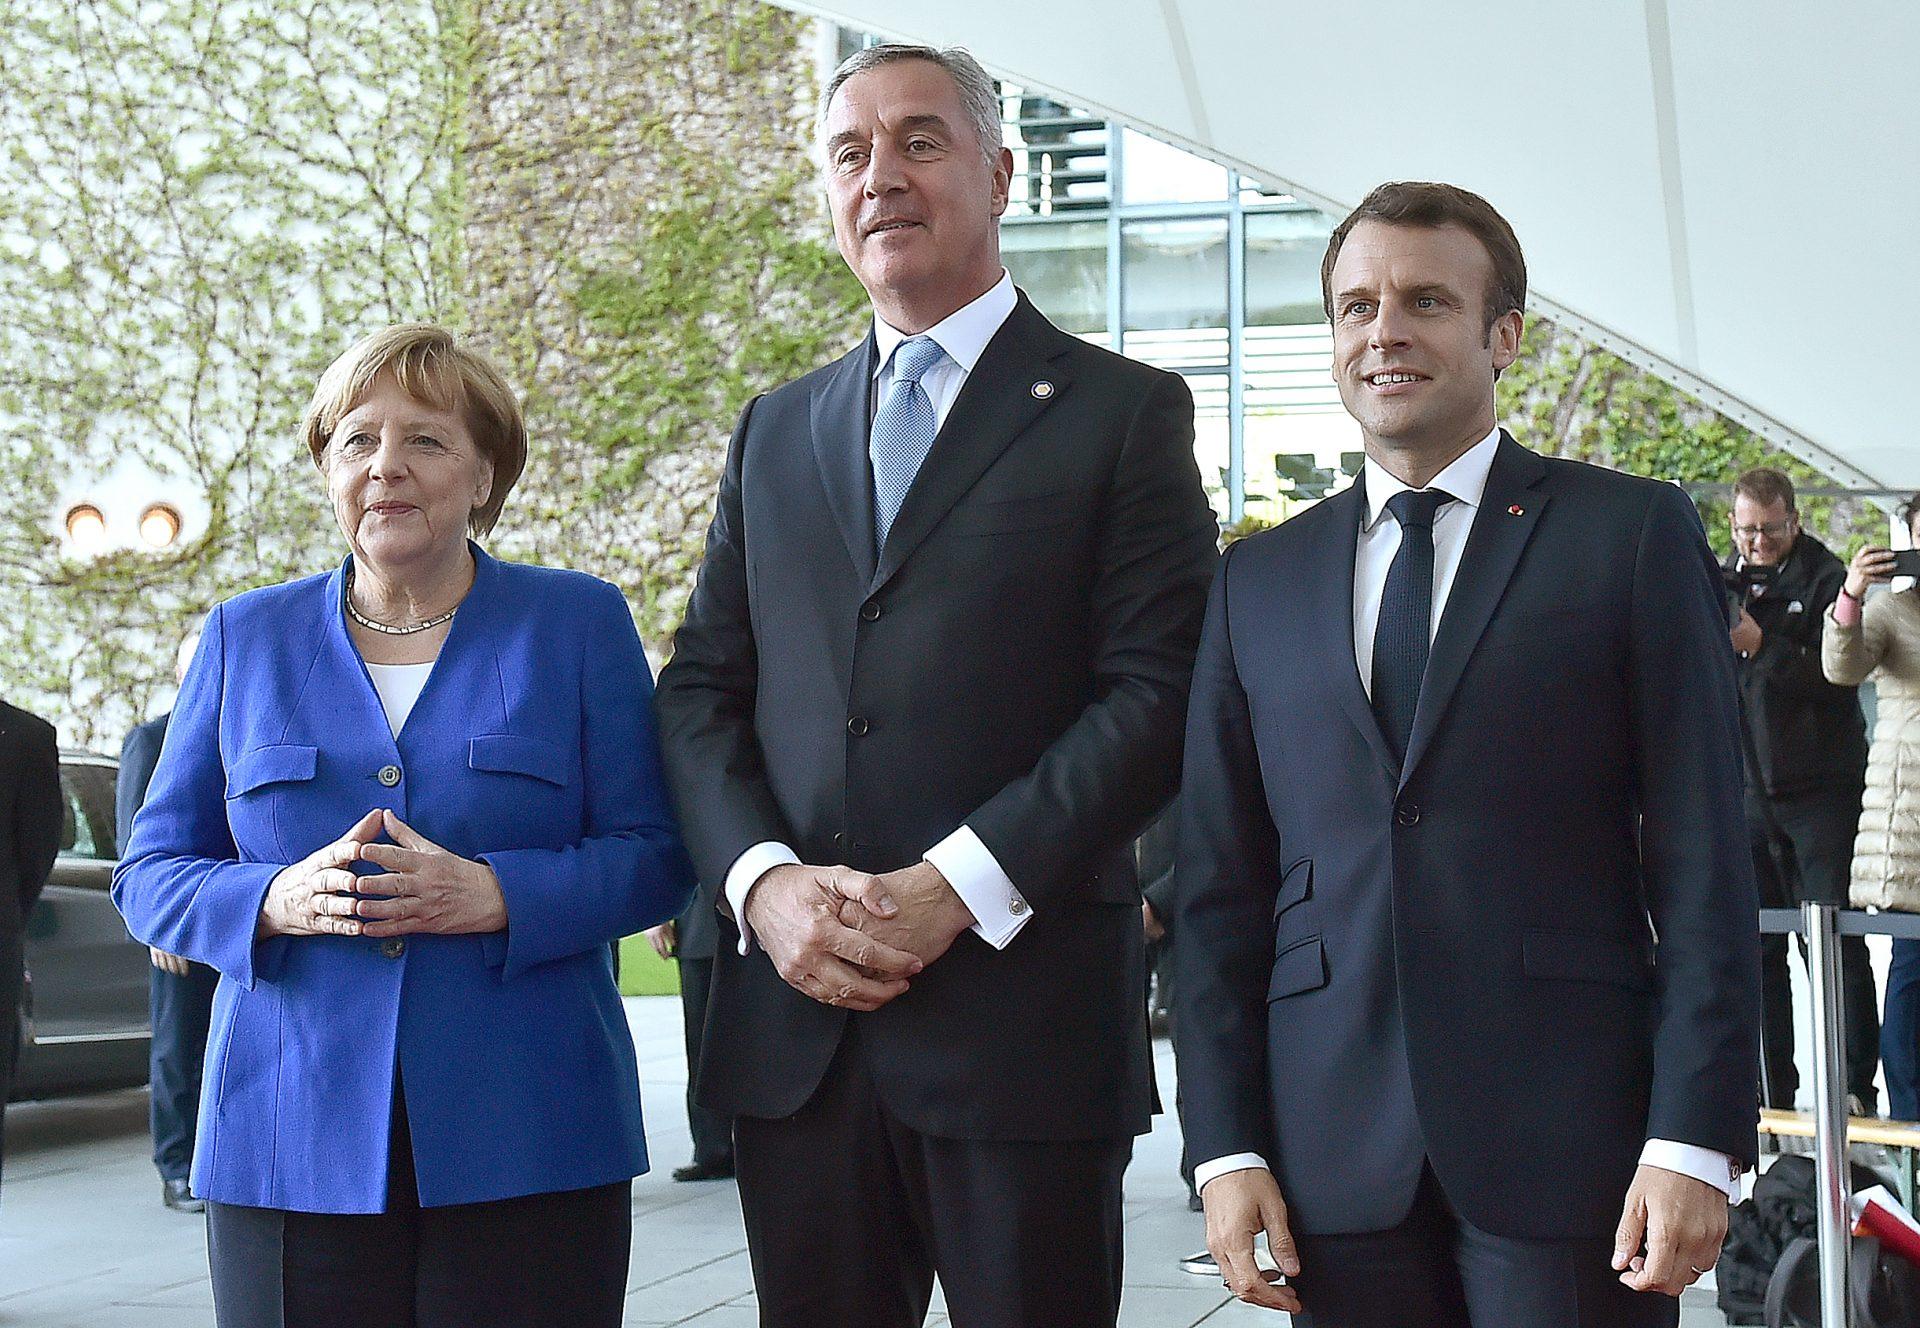 Samit u Berlinu važan za odnose Srbije i Kosova, kaže predsednik Crne Gore Đukanović